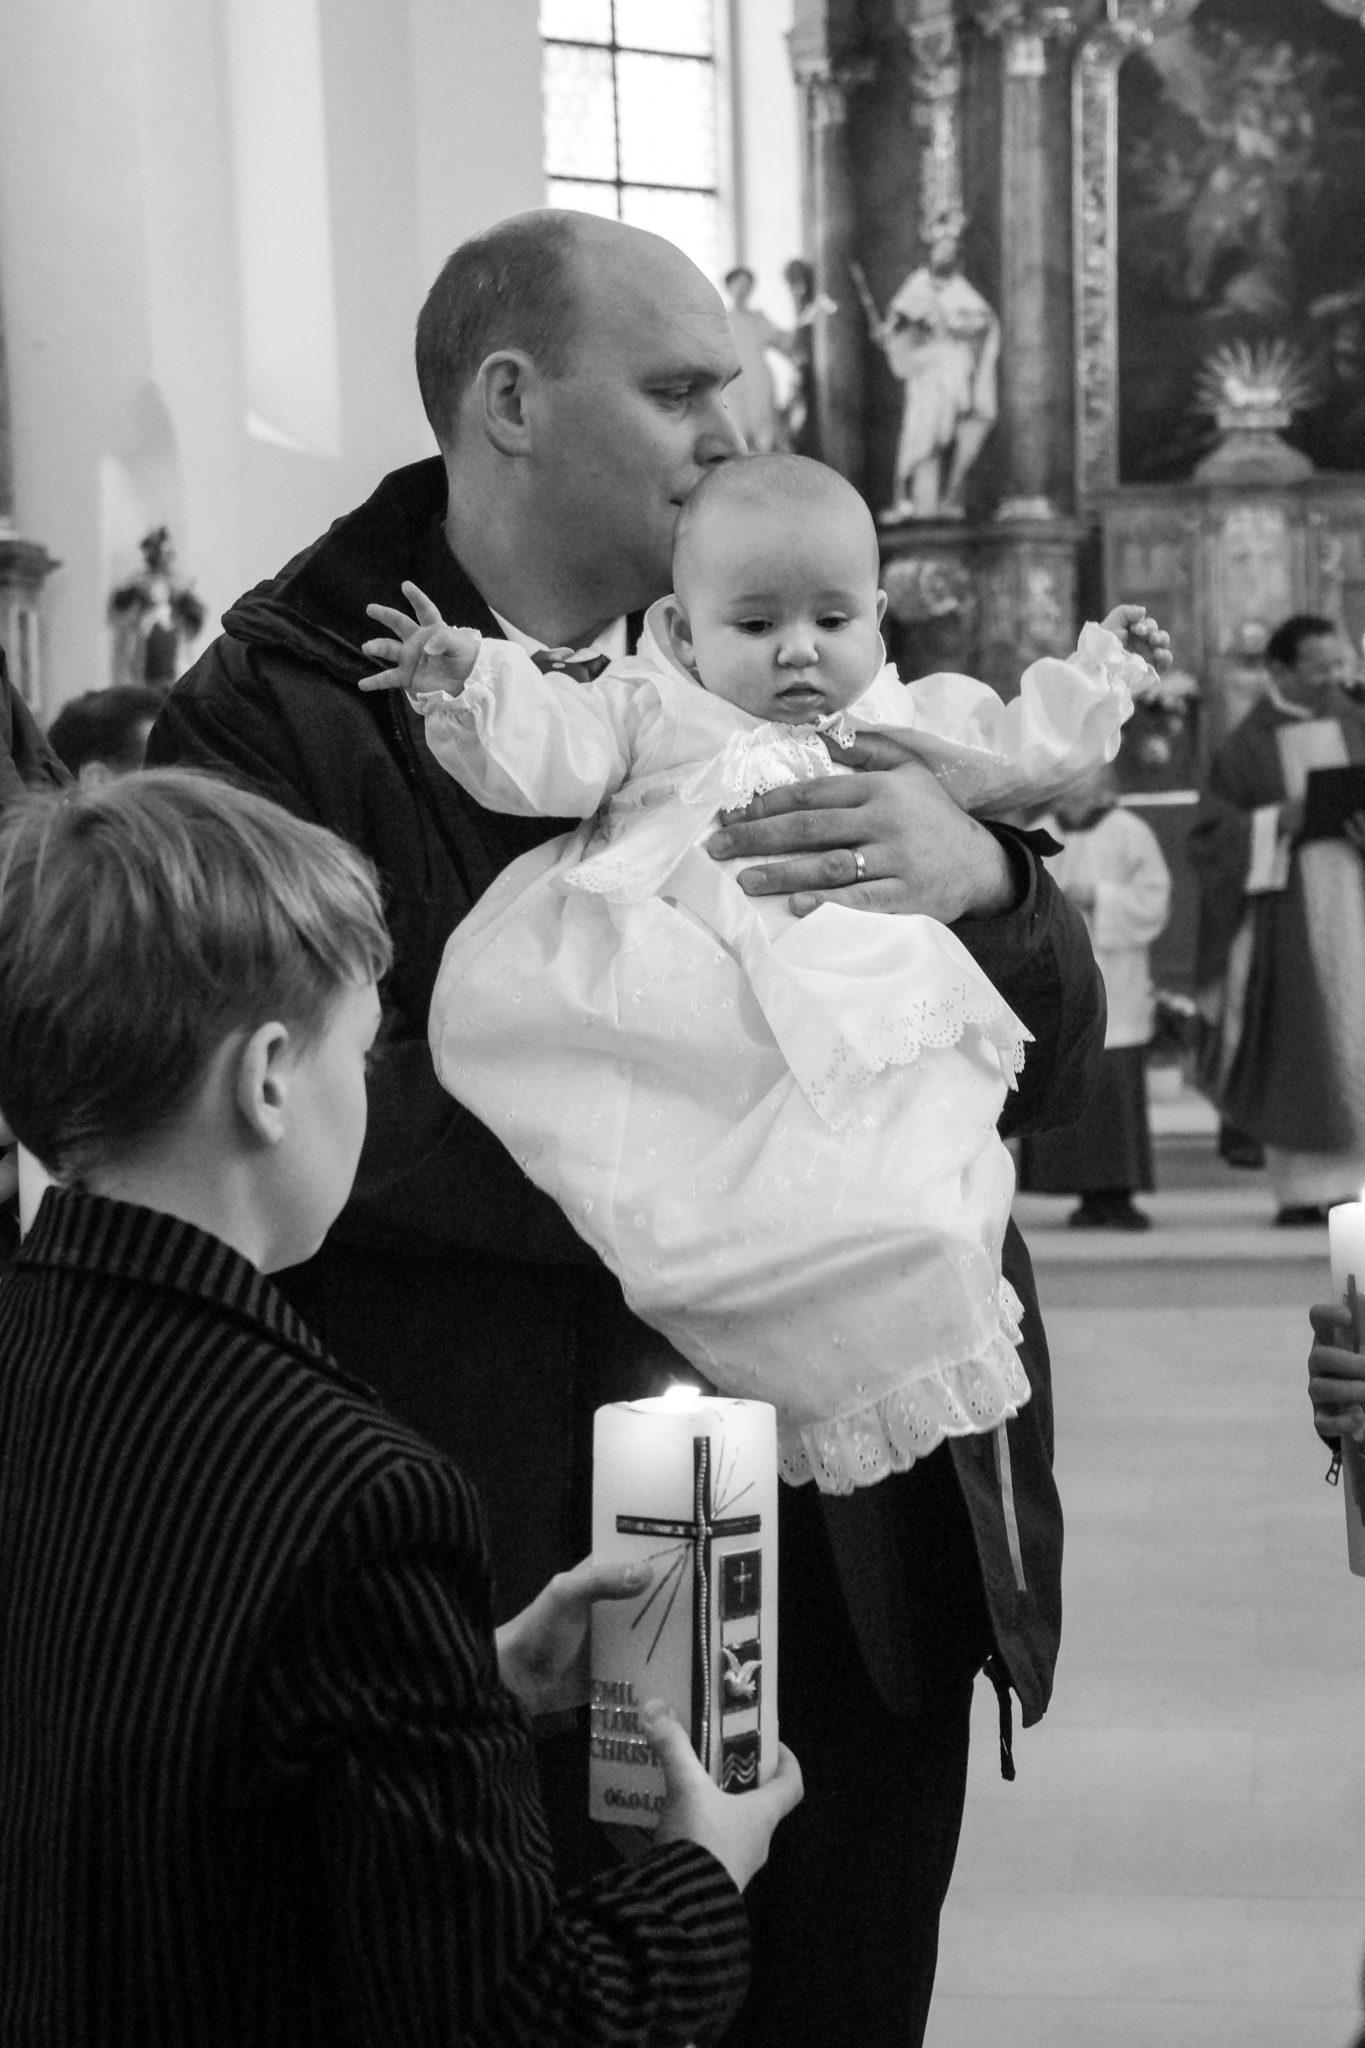 Das Taufkind gehalten von seinem Vater in einem prächtigen weissen Kleidchen.